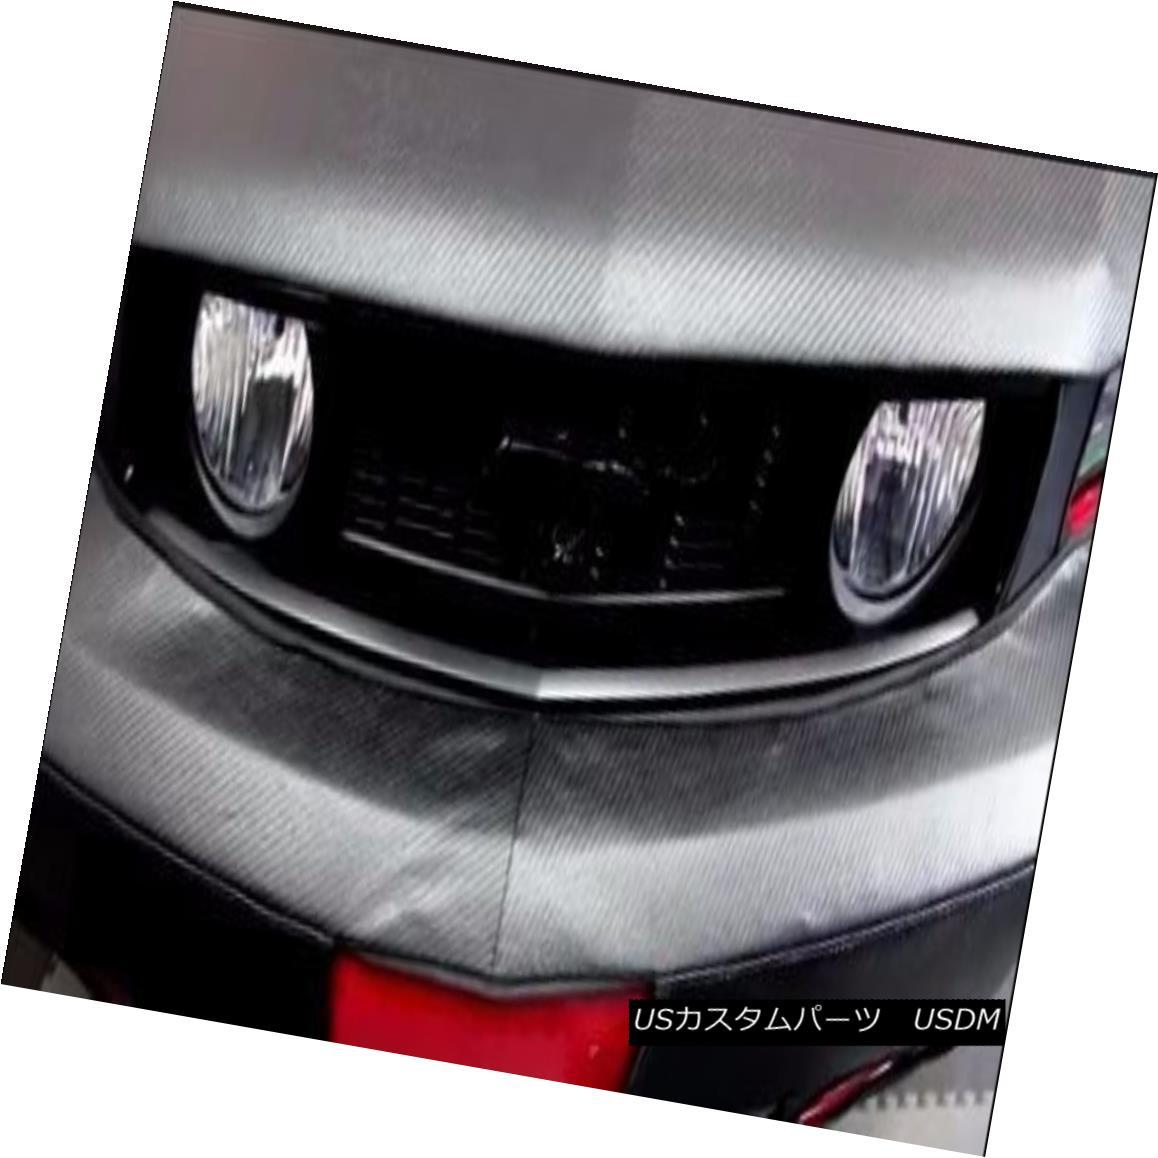 フルブラ ノーズブラ Colgan CF Front Mask Bra 2pc. Fits Chevy Corvette GS & Z06 W/O PLATE 2007-13  コルガンCFフロントマスクブラ2pc。 Chevy Corvette GS& amp; Z06 W / Oプレート2007-13